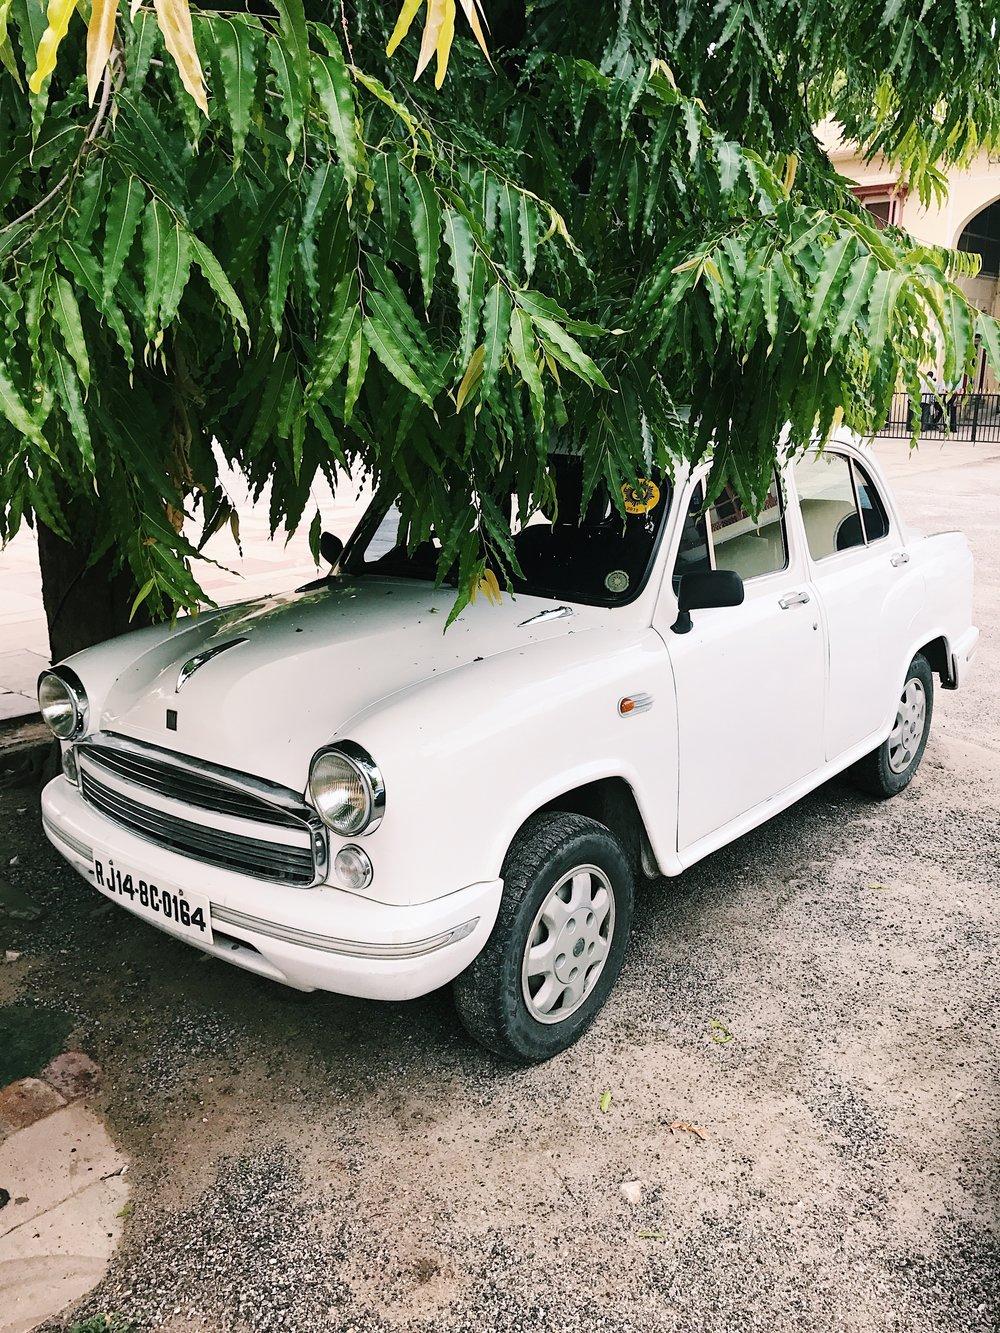 Cute Car at Jaipur City Palace